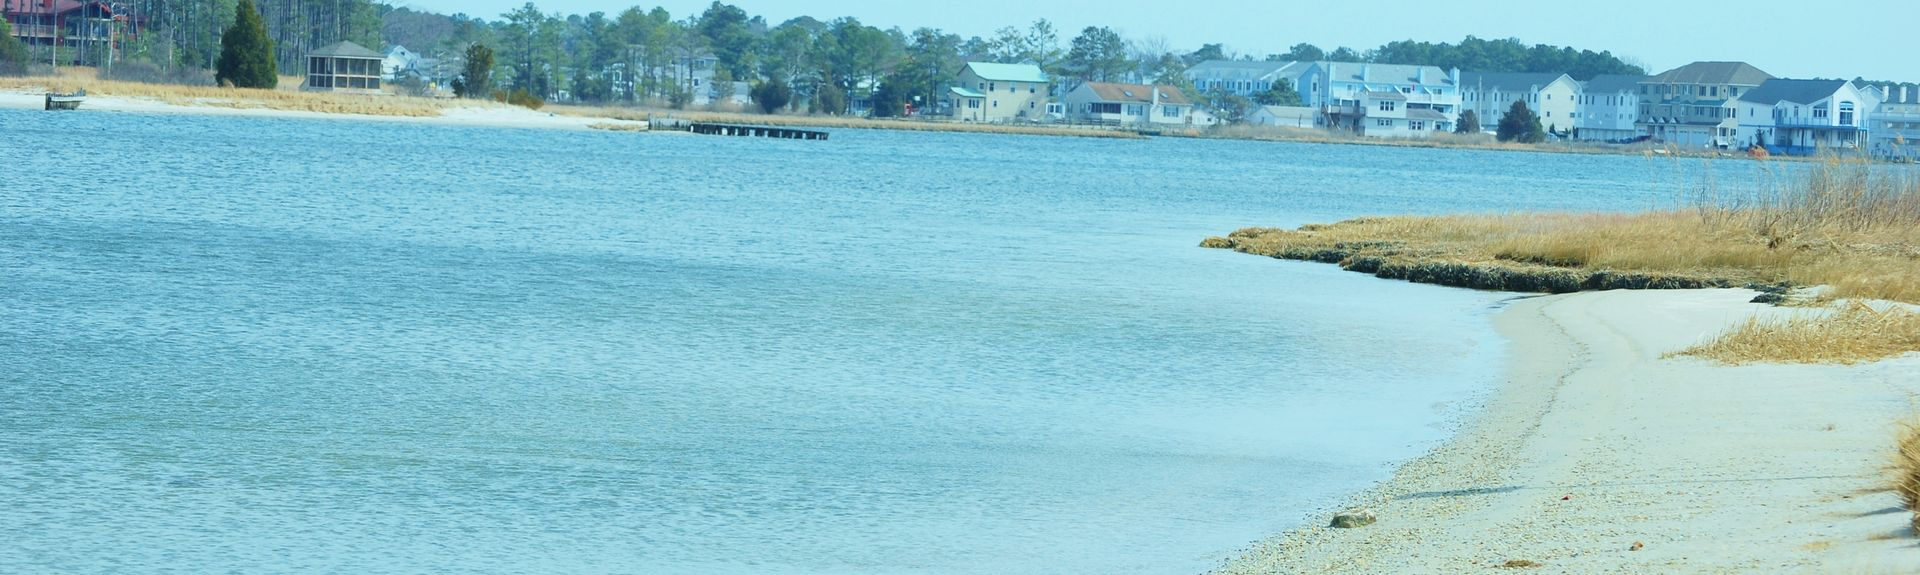 Bethany Bay (Ocean View, Delaware, États-Unis d'Amérique)